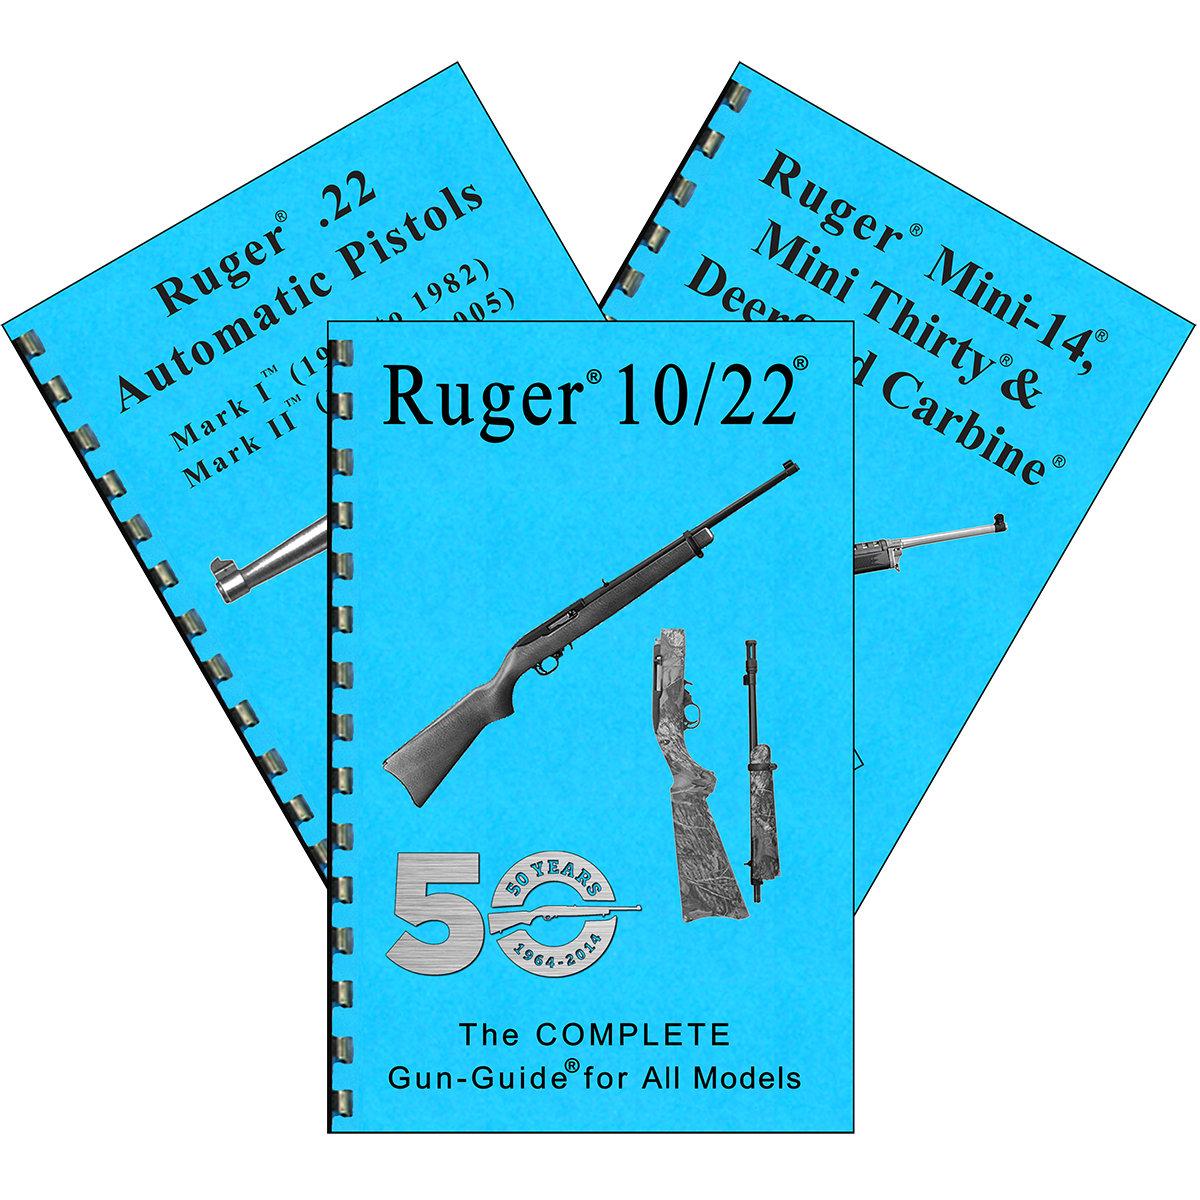 2019 DEALER RUGER COMPLETE GUIDES (3)